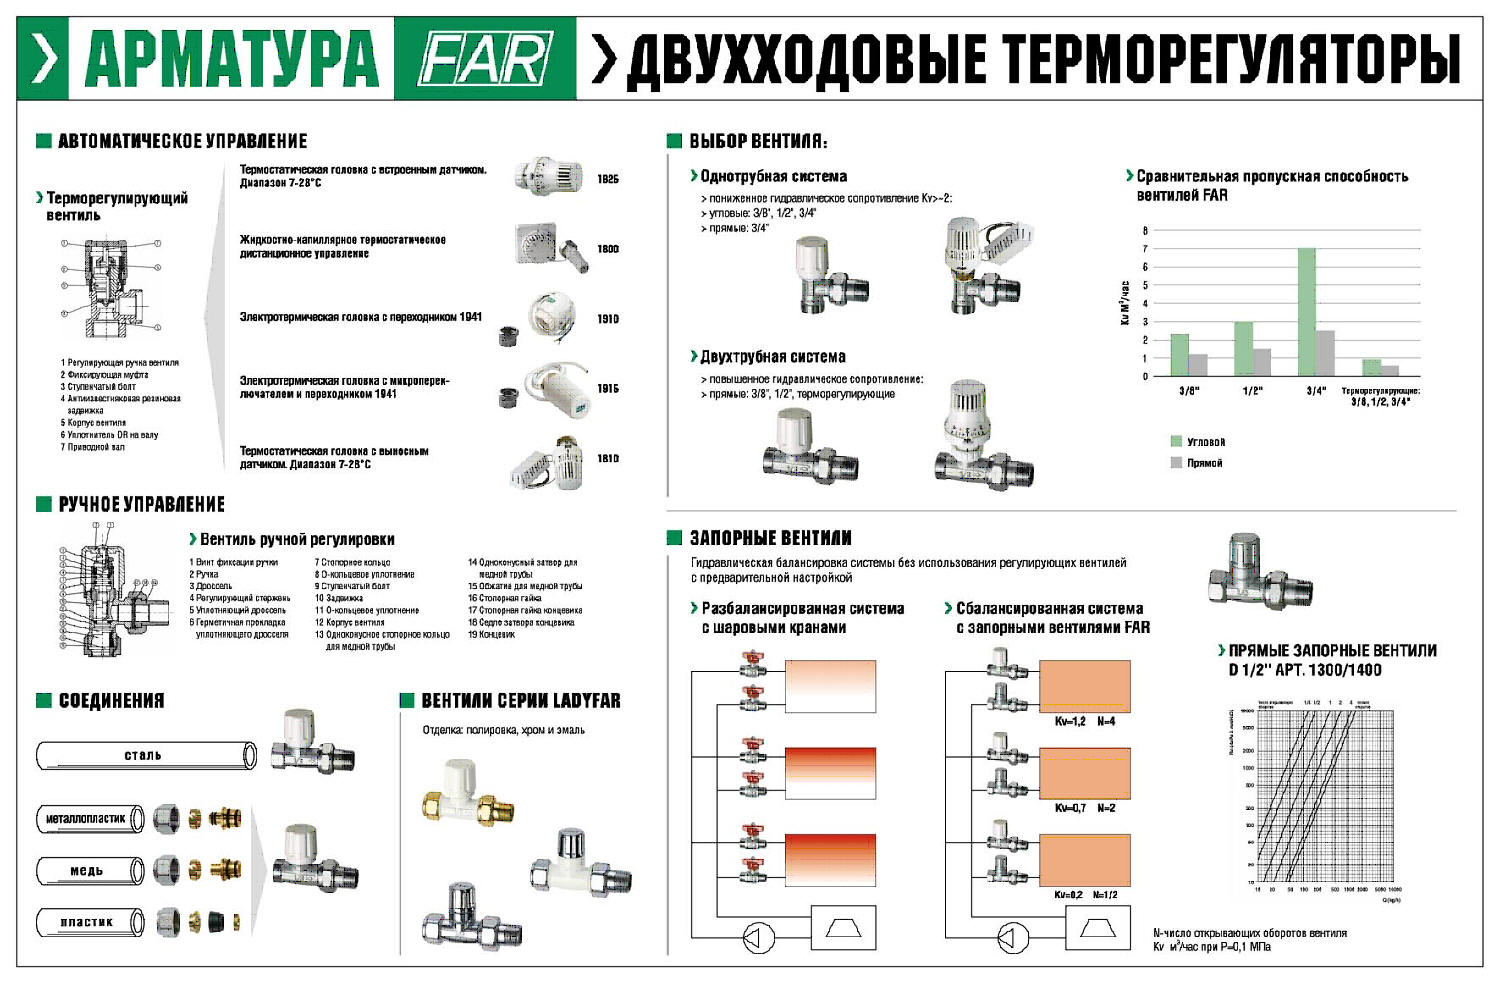 Терморегулятор на воду схема